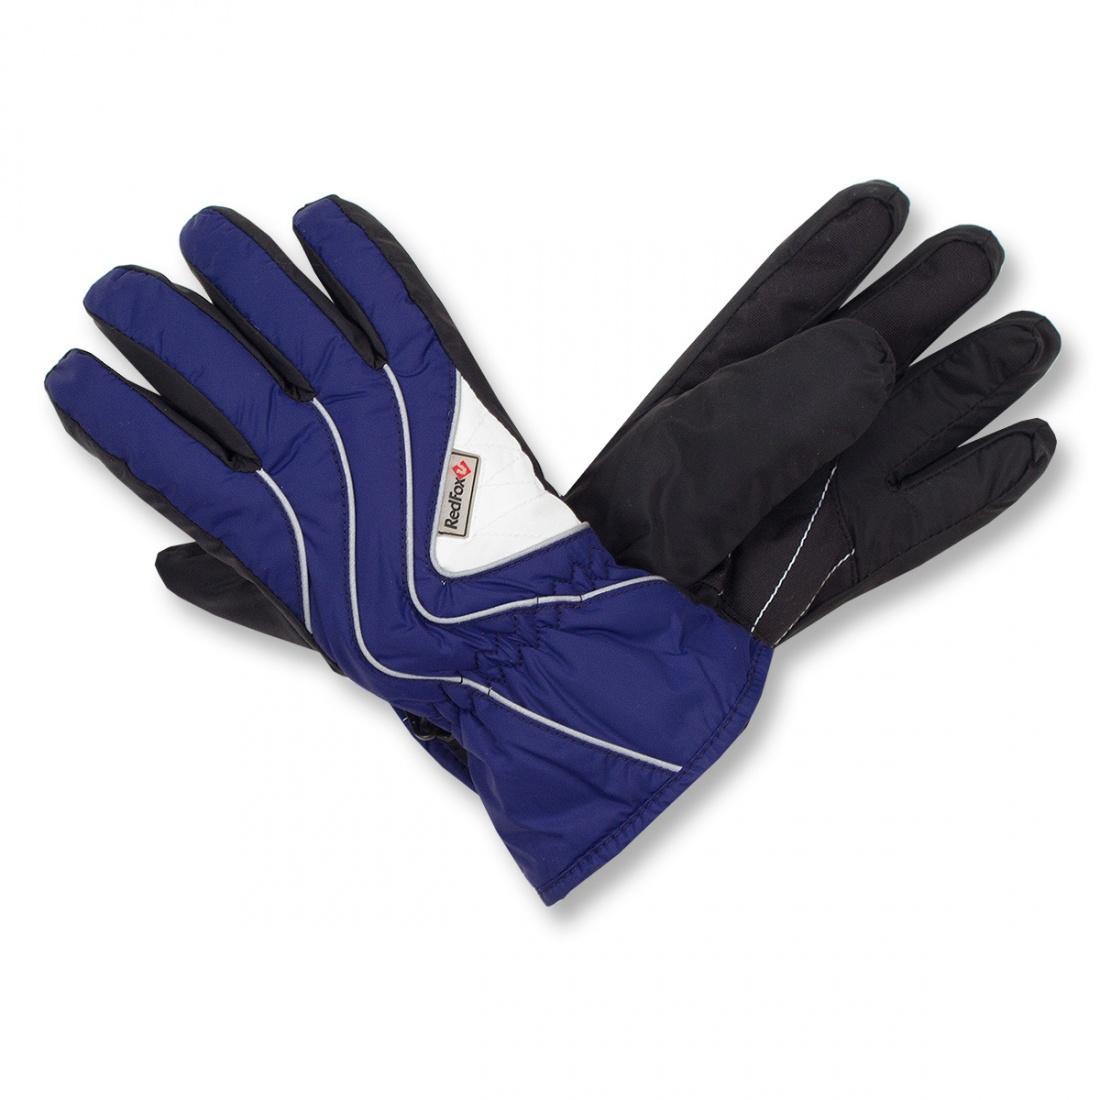 Перчатки утепленные Lines ДетскиеПерчатки<br><br> Детские перчатки Lines предназначены для использования в холодную погоду во время активных видов отдыха. Специальная водоотталкивающая ...<br><br>Цвет: Темно-синий<br>Размер: XL